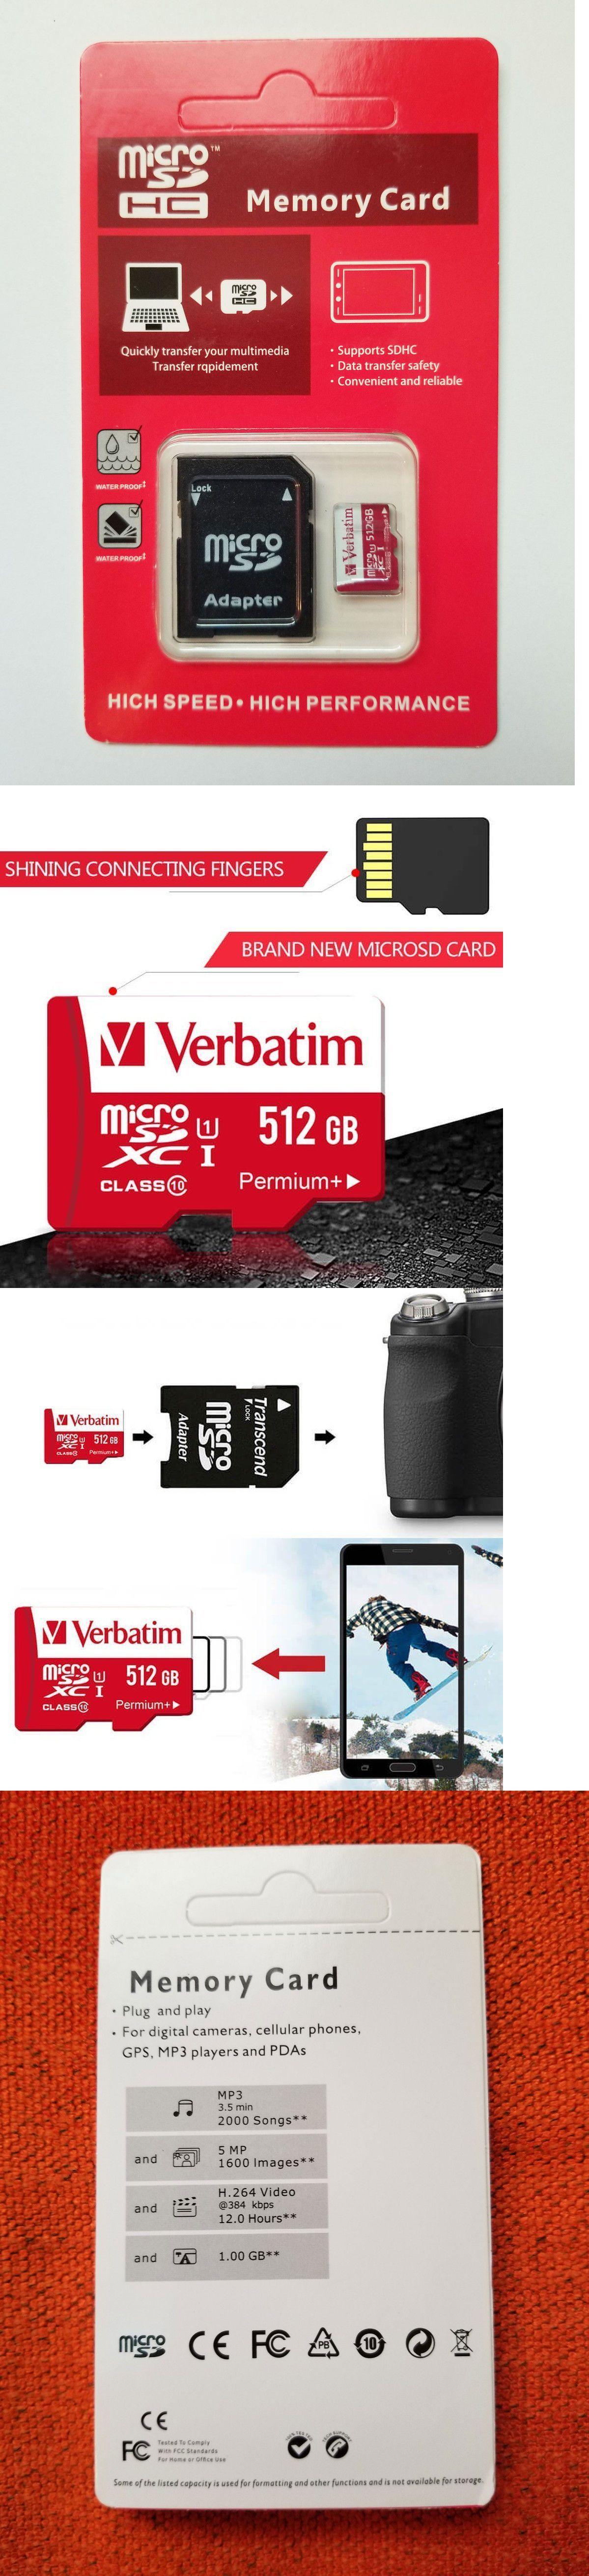 Memory Cards 96991: Verbatim 512Gb Microsdhc Uhs-1 Class 10